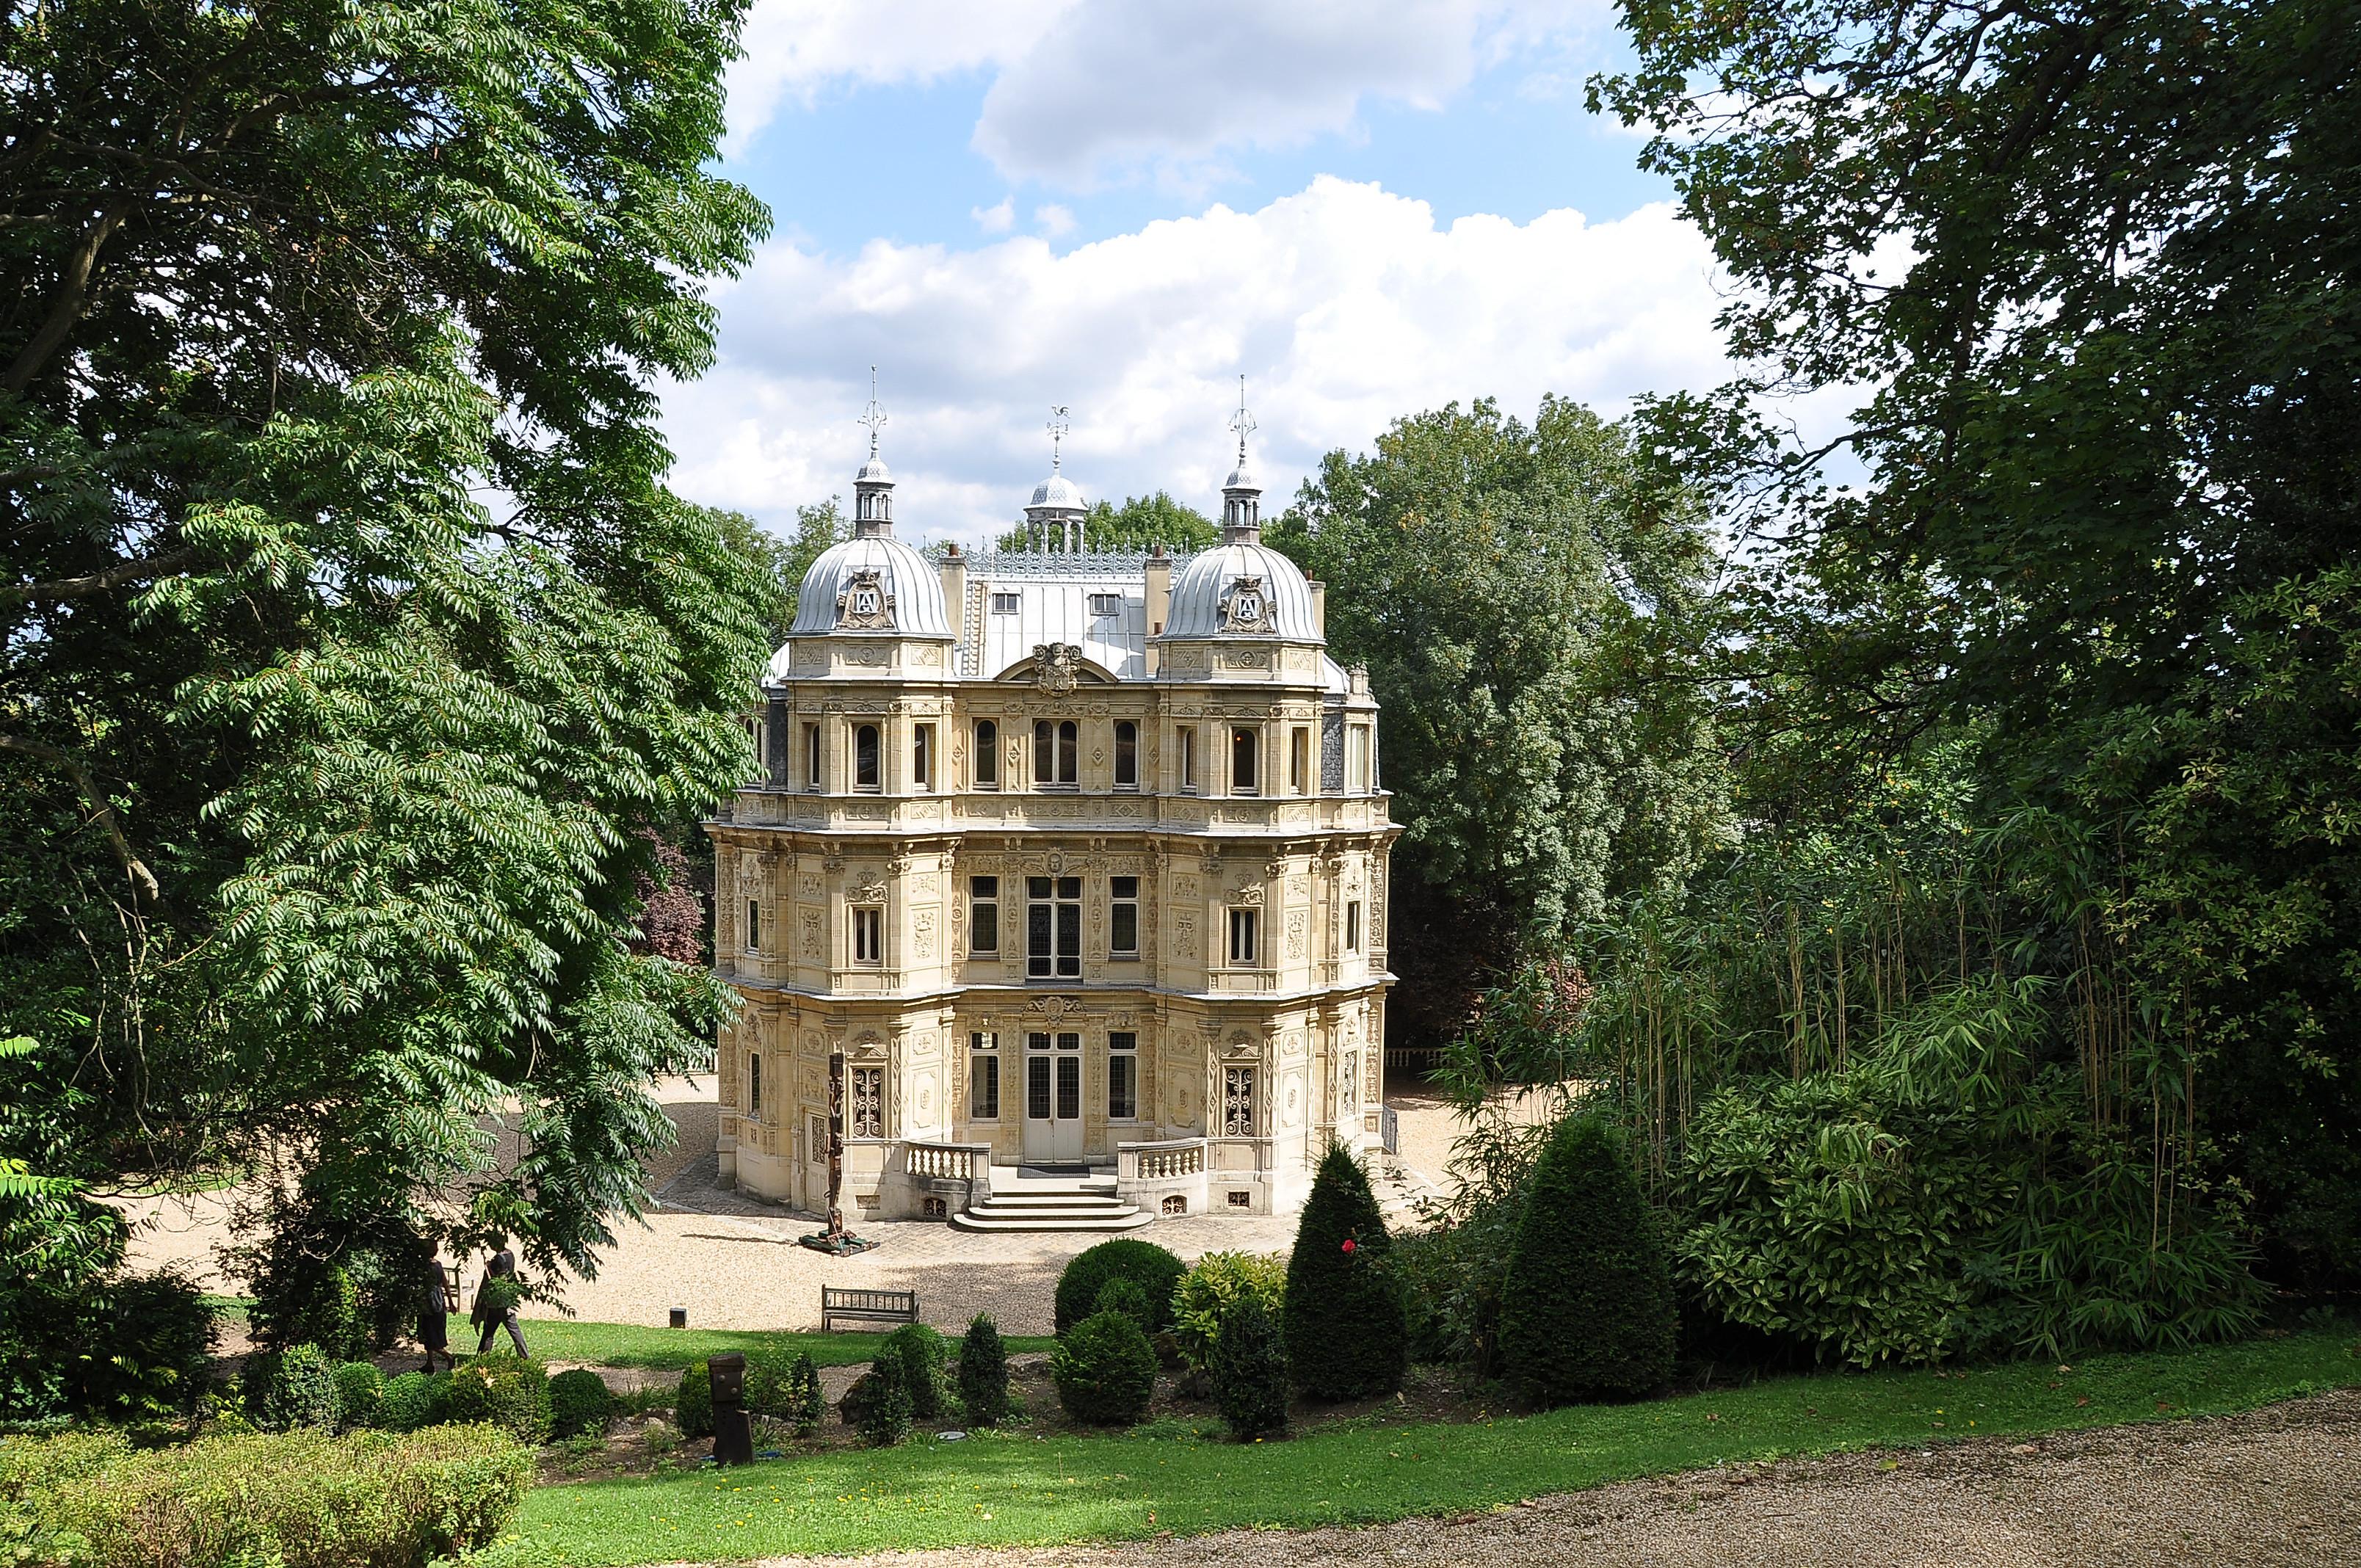 Le_Port-Marly_Château_de_Monte-Cristo_001